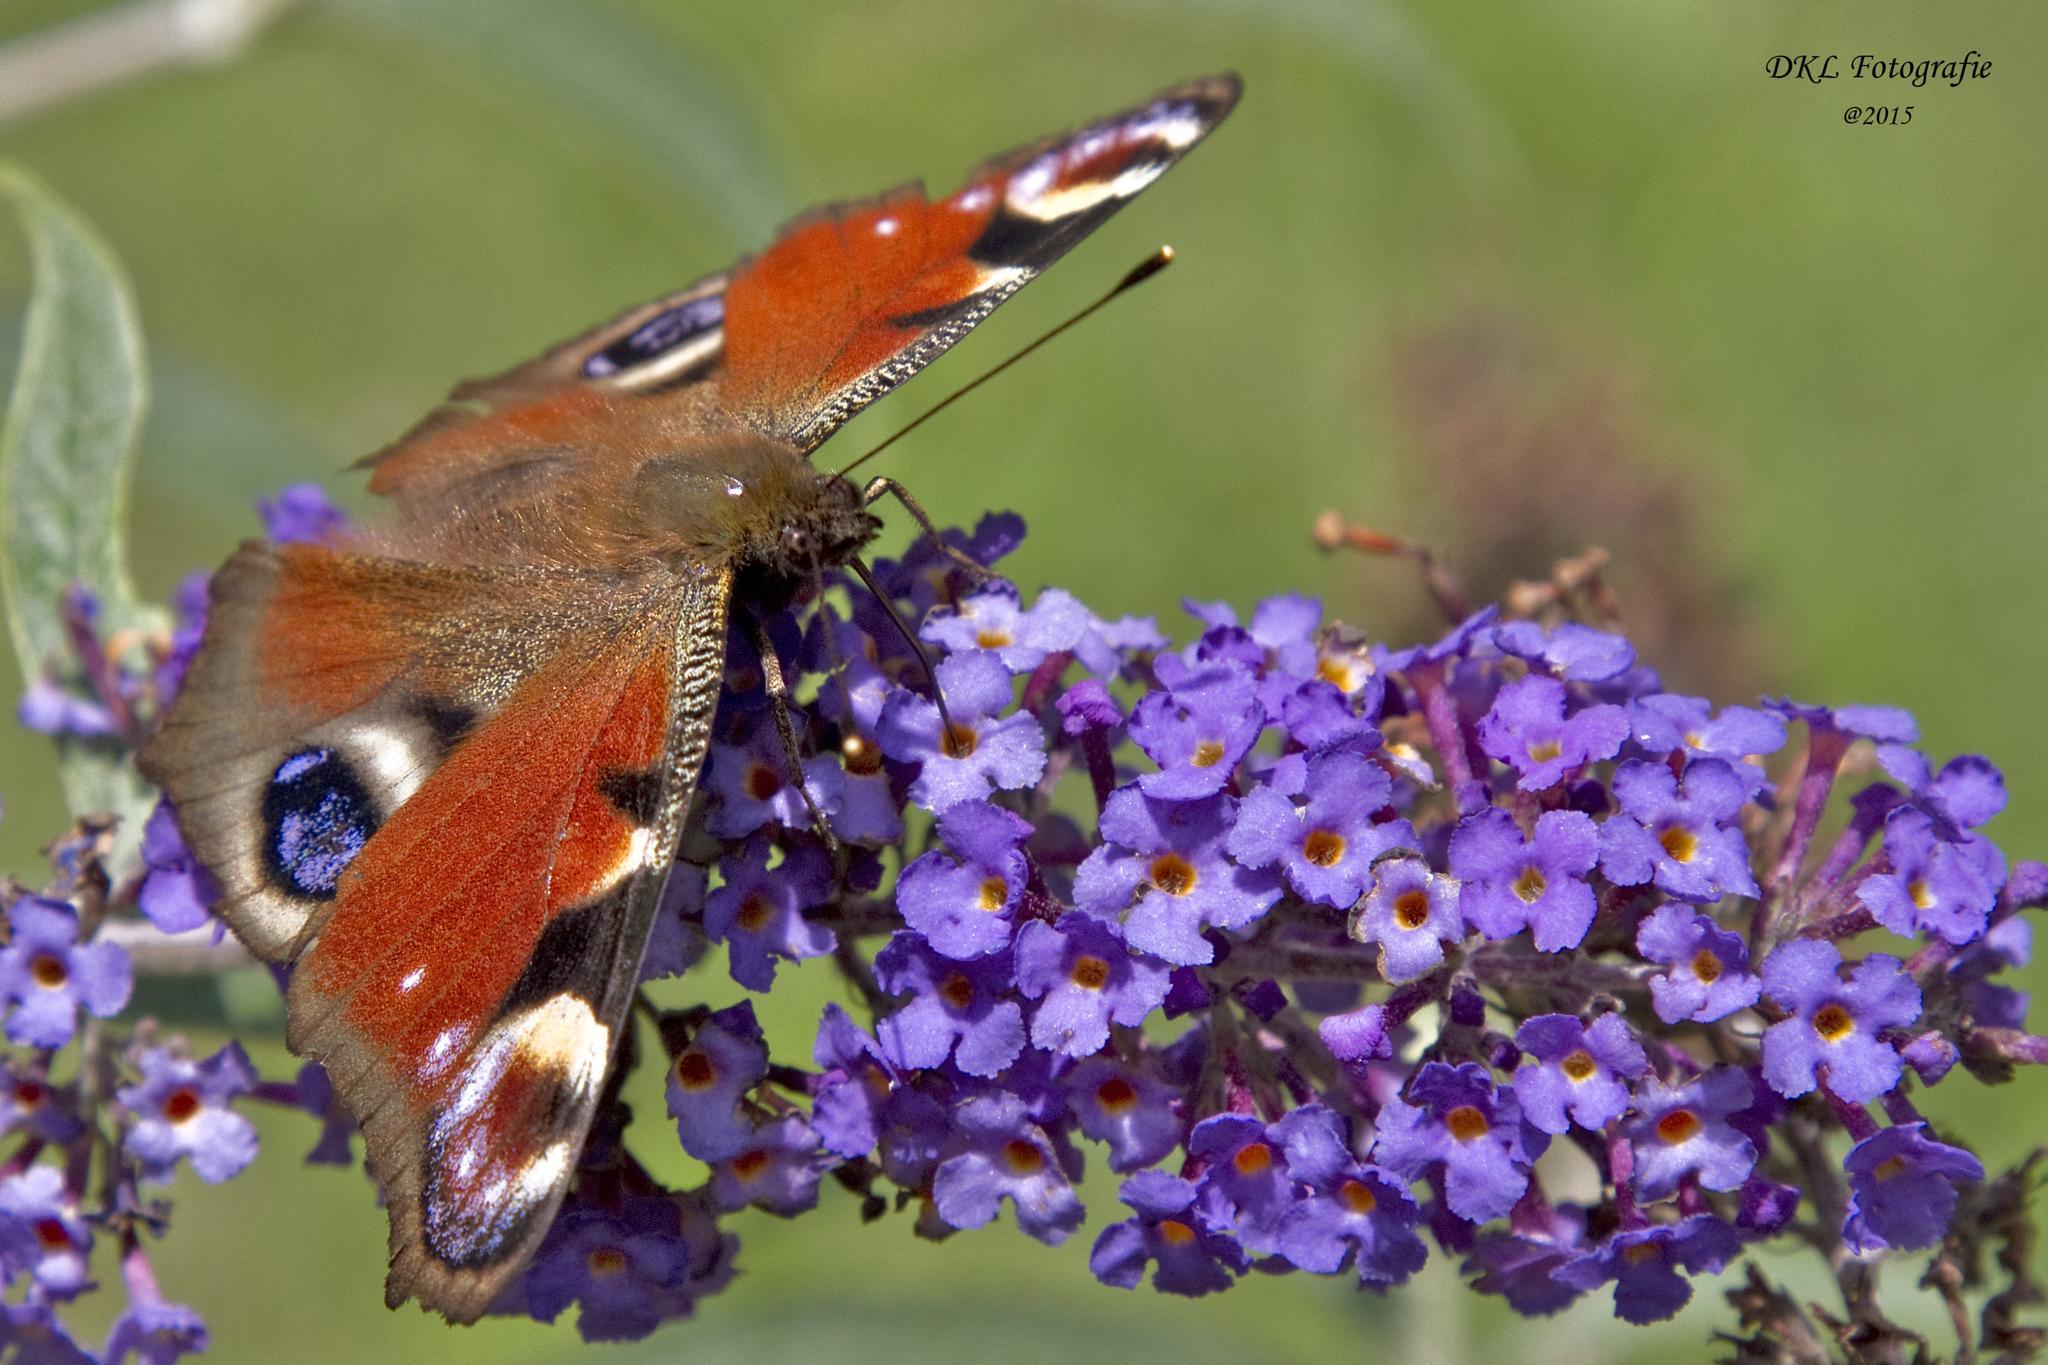 Peacock butterfly (Aglais io) by danielle.klaveroverdijk